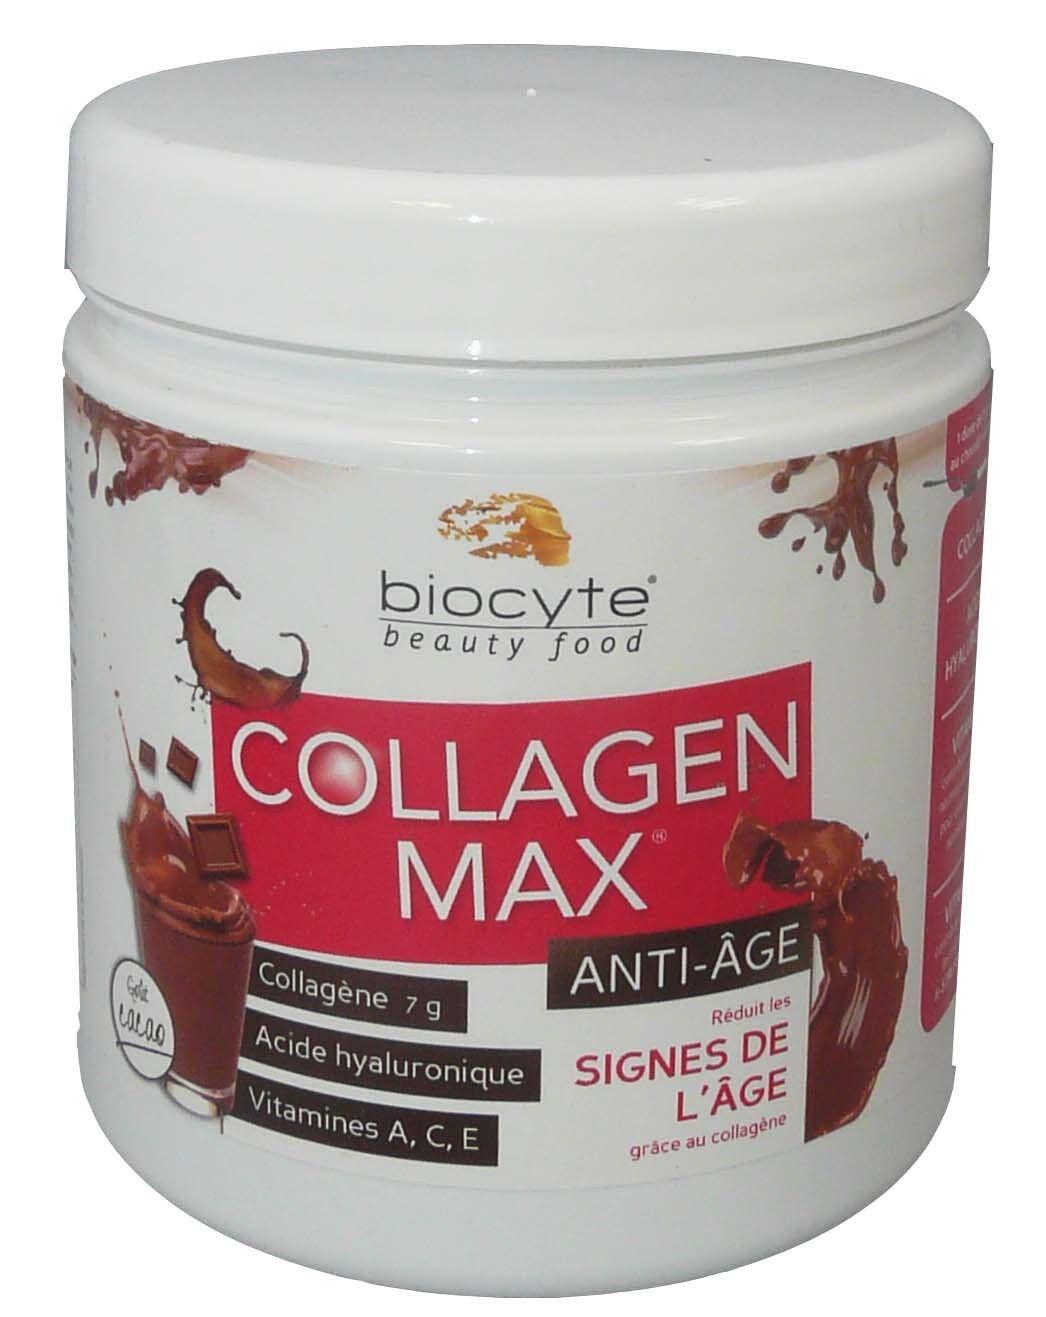 Biocyte collagen max anti age 260g